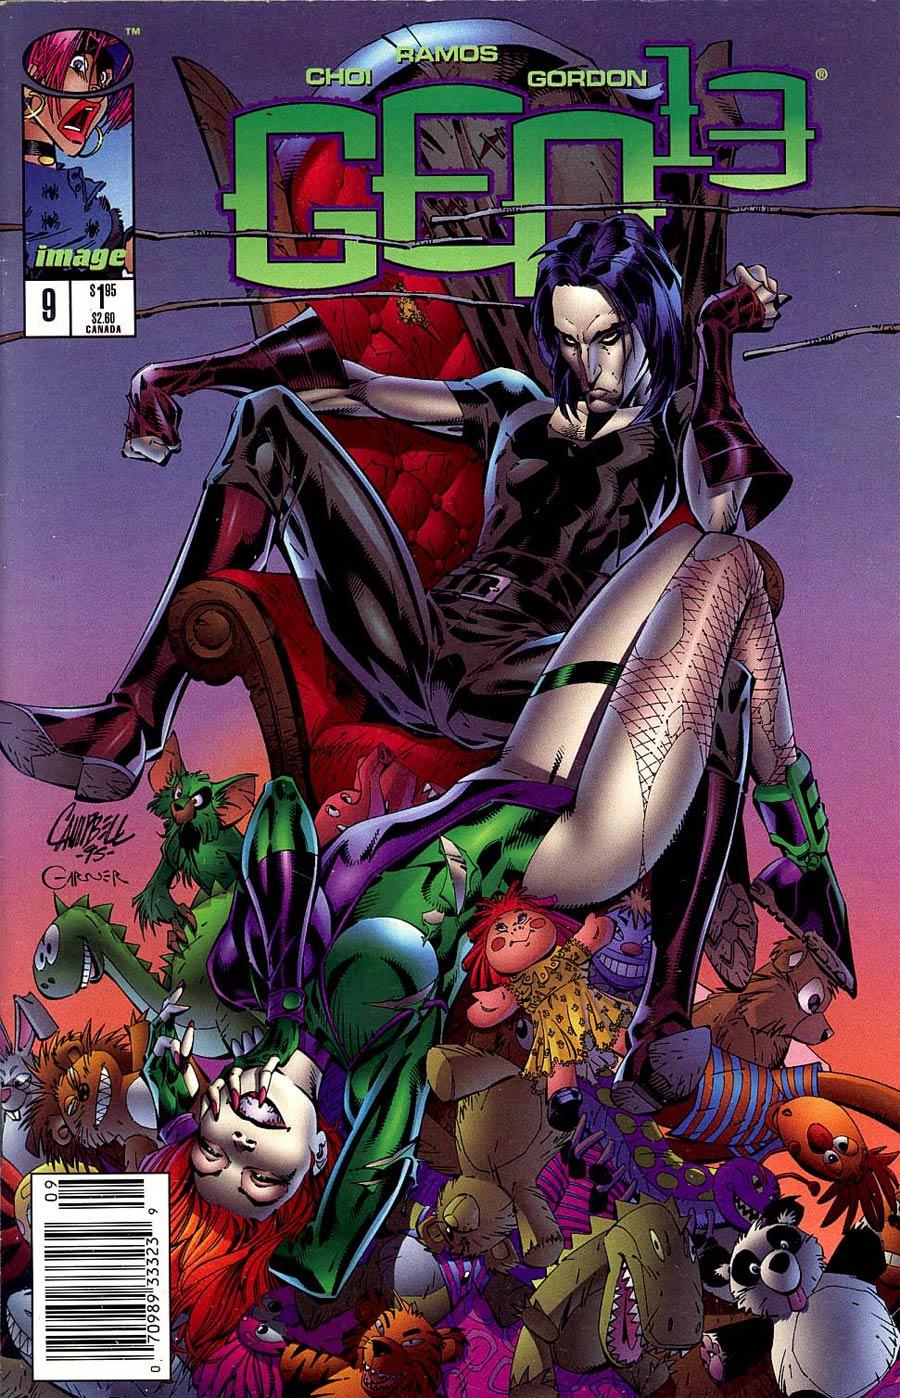 Gen 13 Vol 2 #9 Cover B Newsstand Edition